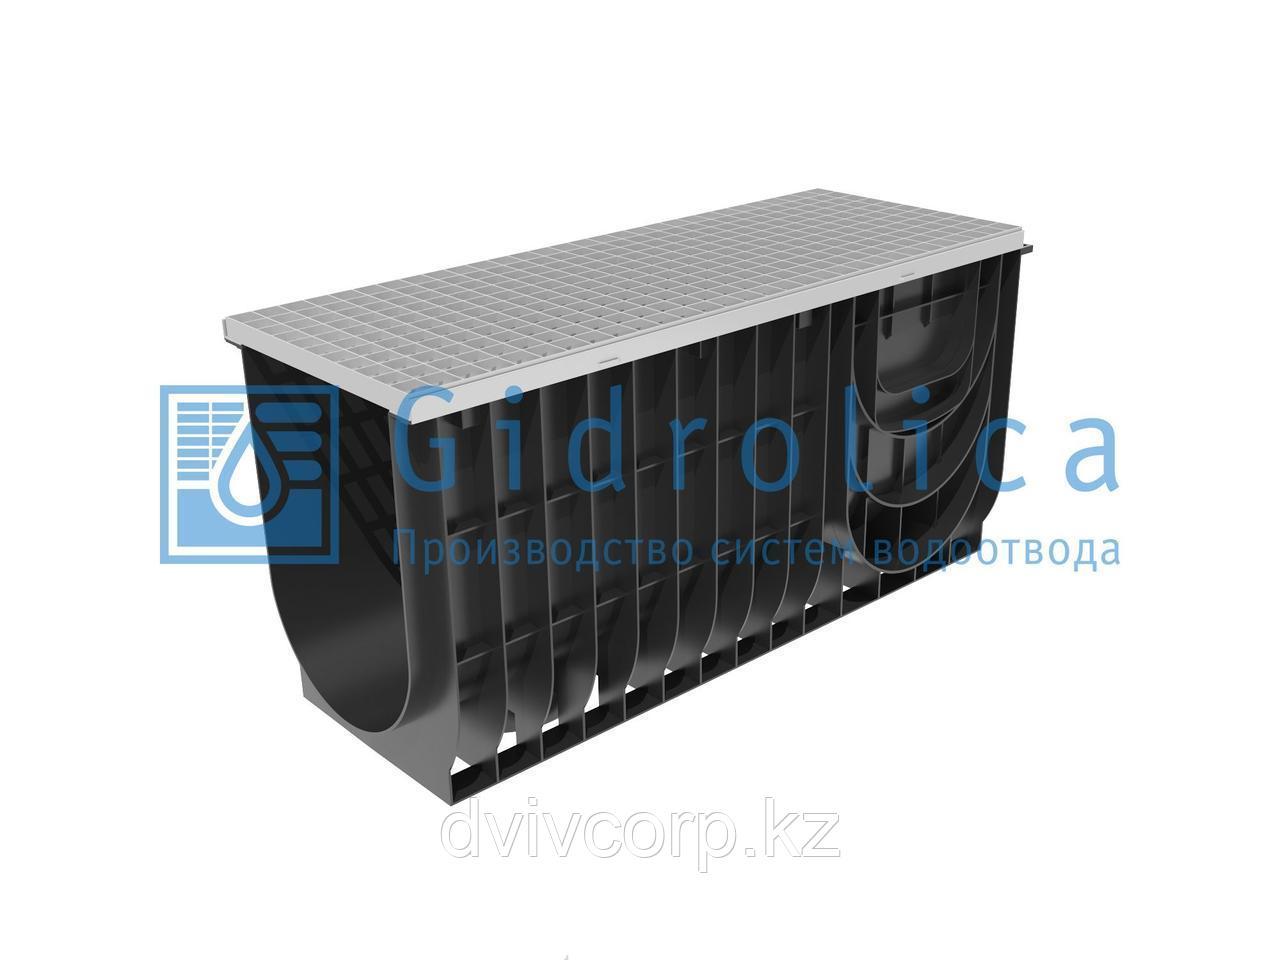 Арт. 0834А Комплект Gidrolica Light: лоток водоотводный ЛВ-30.38.48 - пластиковый c решеткой РВ -30.37.100